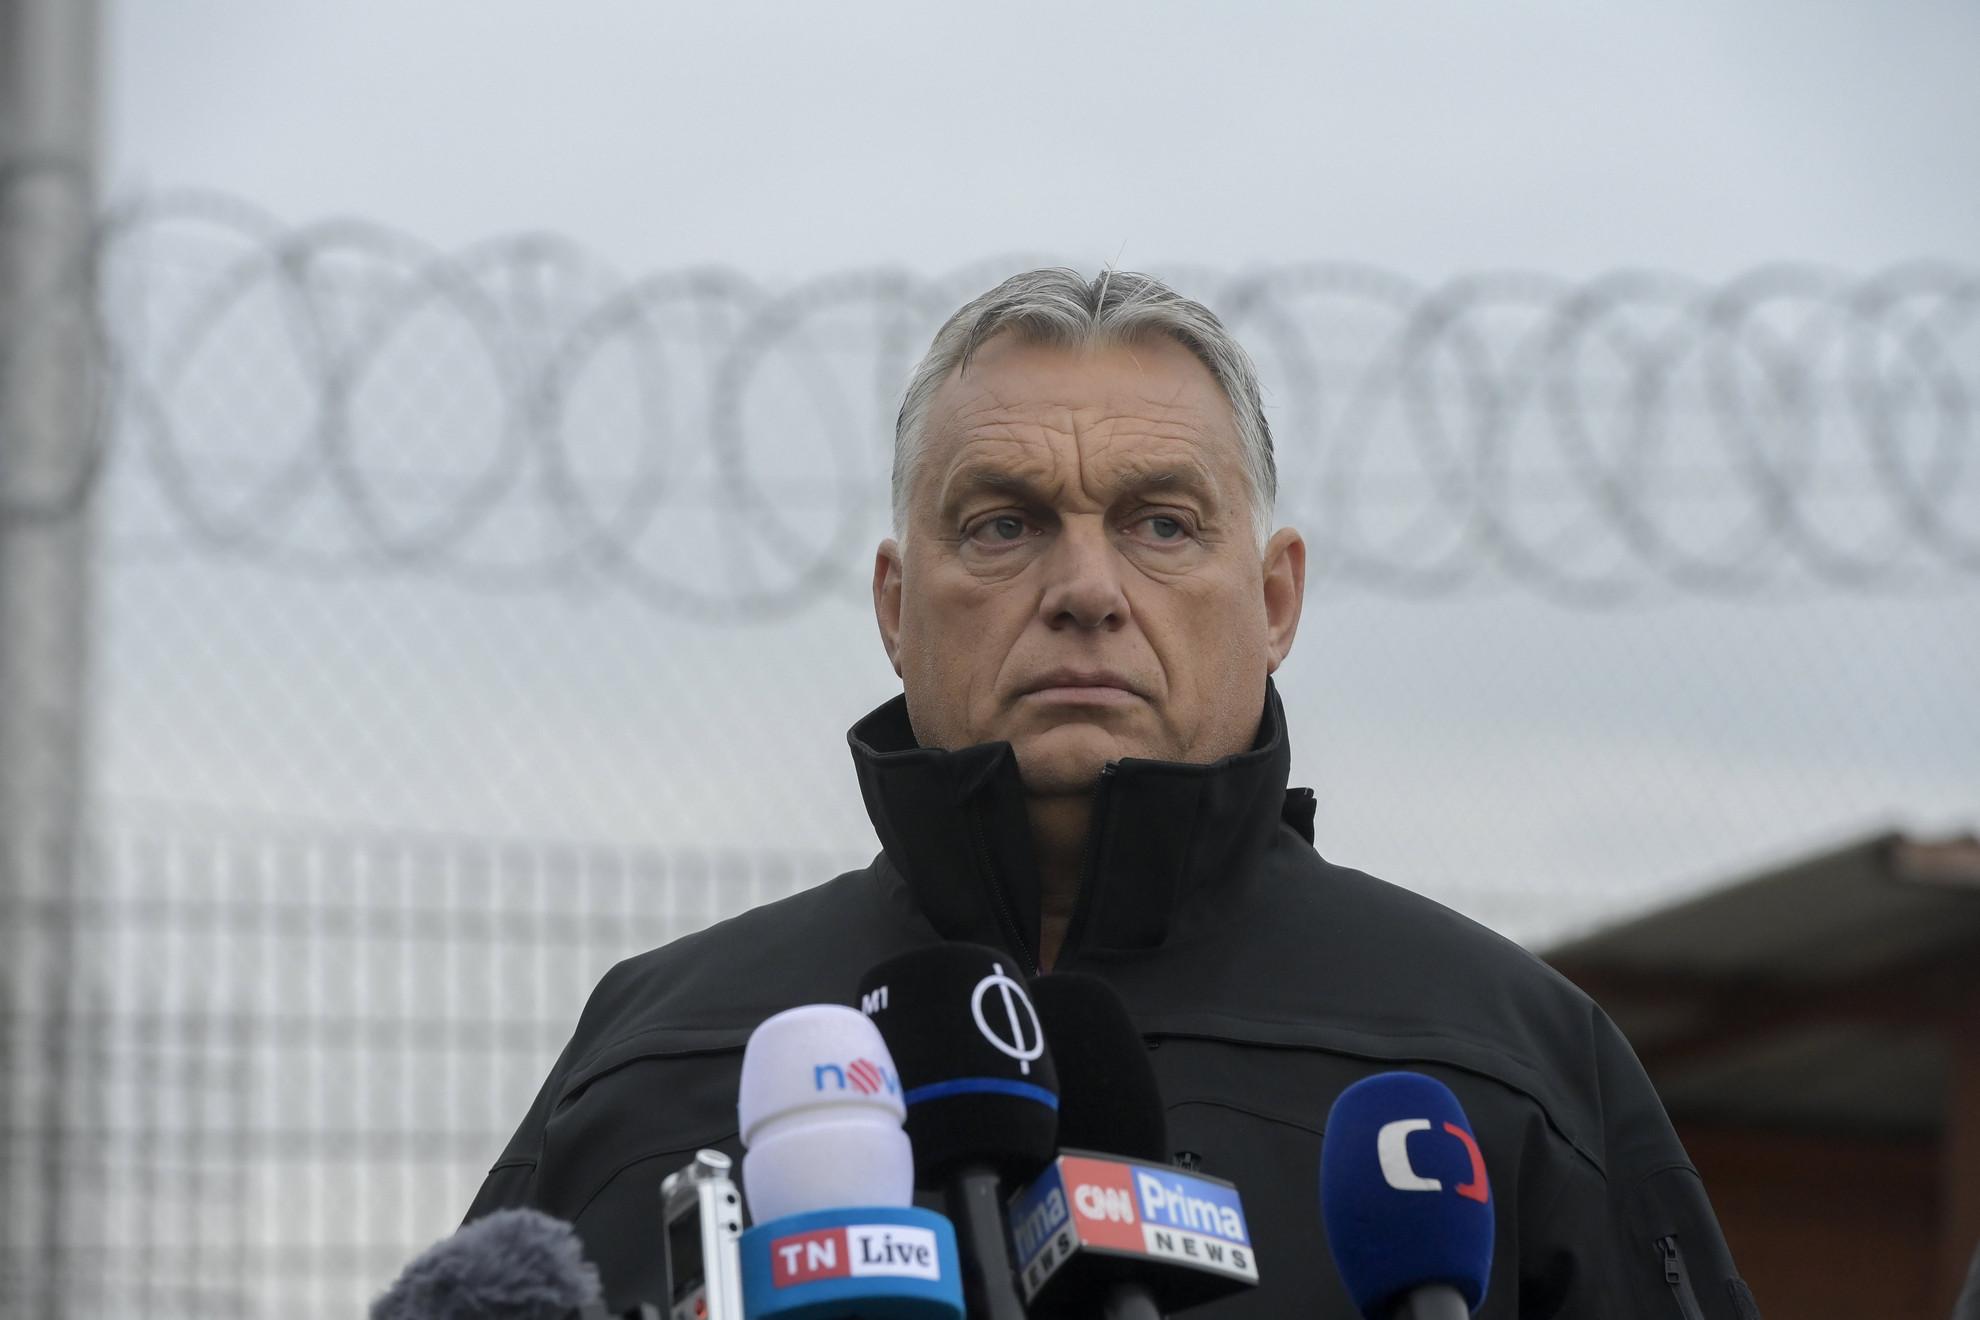 Orbán Viktor miniszterelnök Andrej Babis cseh kormányfővel (a képen nem látható) közösen sajtónyilatkozatot tesz a határszemlét követően a magyar-szerb határnál, az ideiglenes biztonsági határzárnál